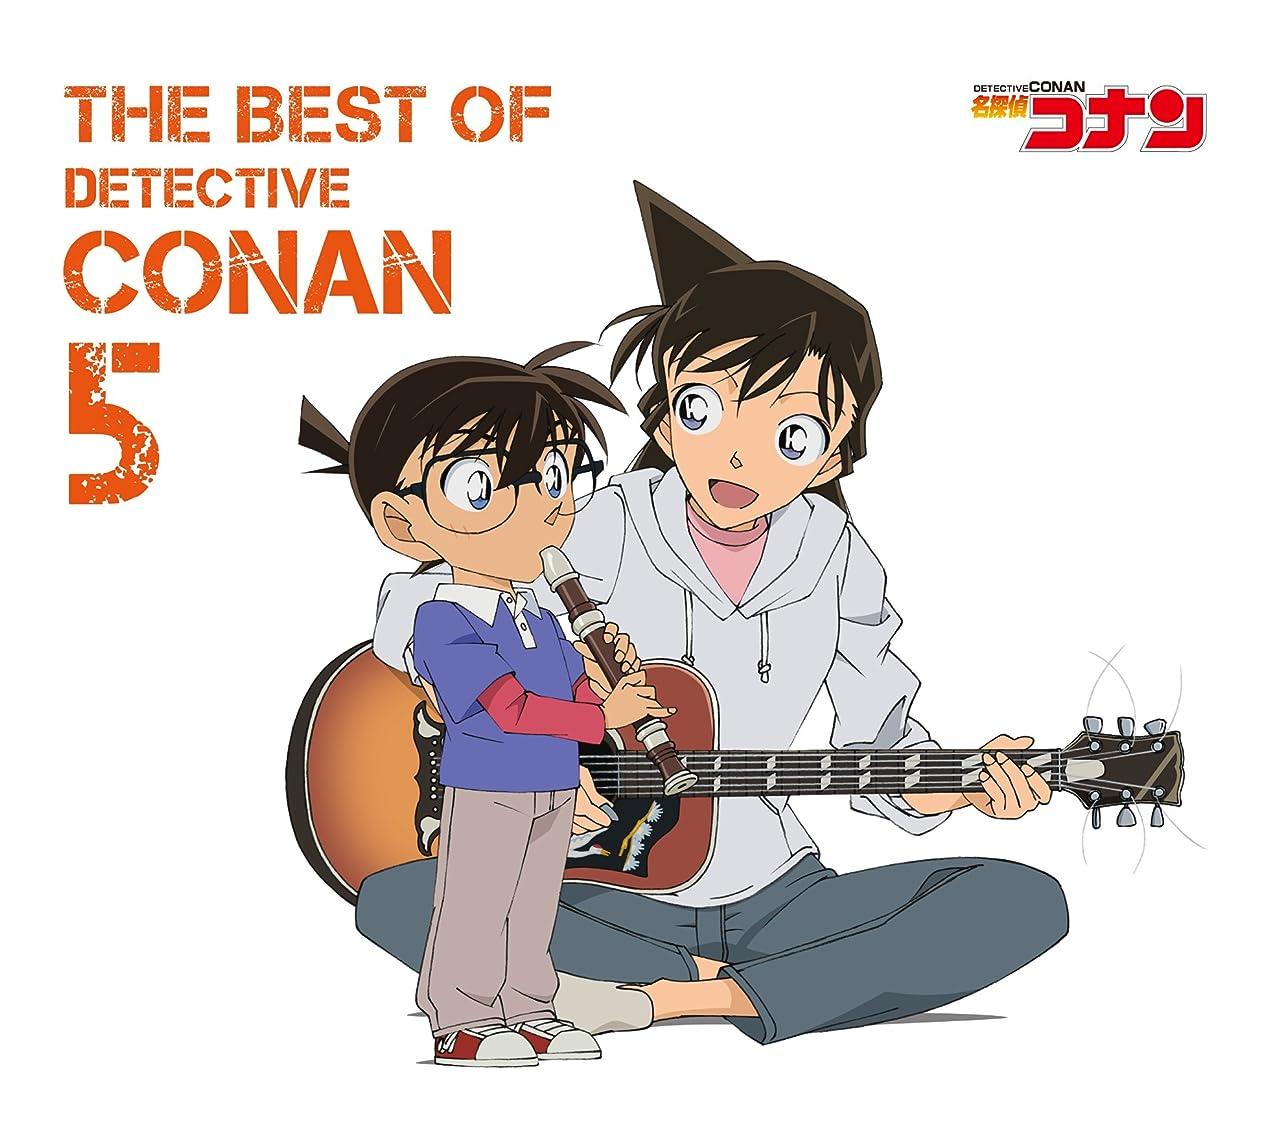 発見たらい一緒に~名探偵コナン テーマ曲集5~~THE BEST OF DETECTIVE CONAN5~~ 【初回限定盤】~